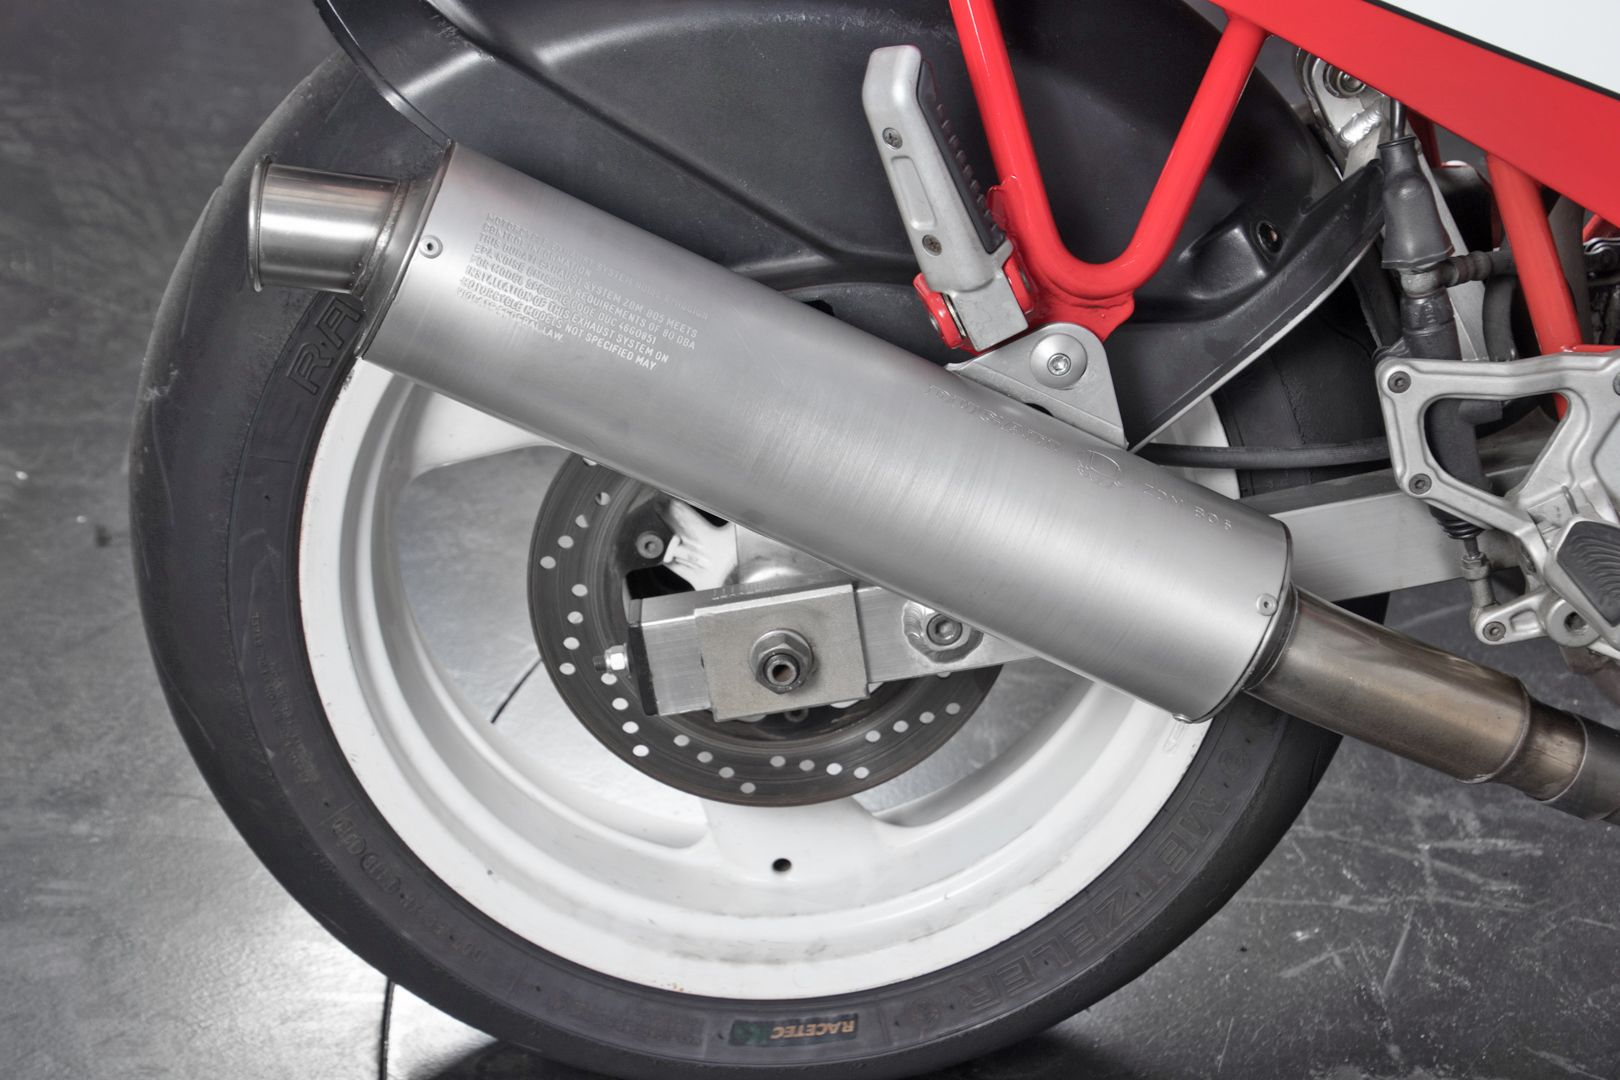 1990 Ducati 900 SuperSport 39637